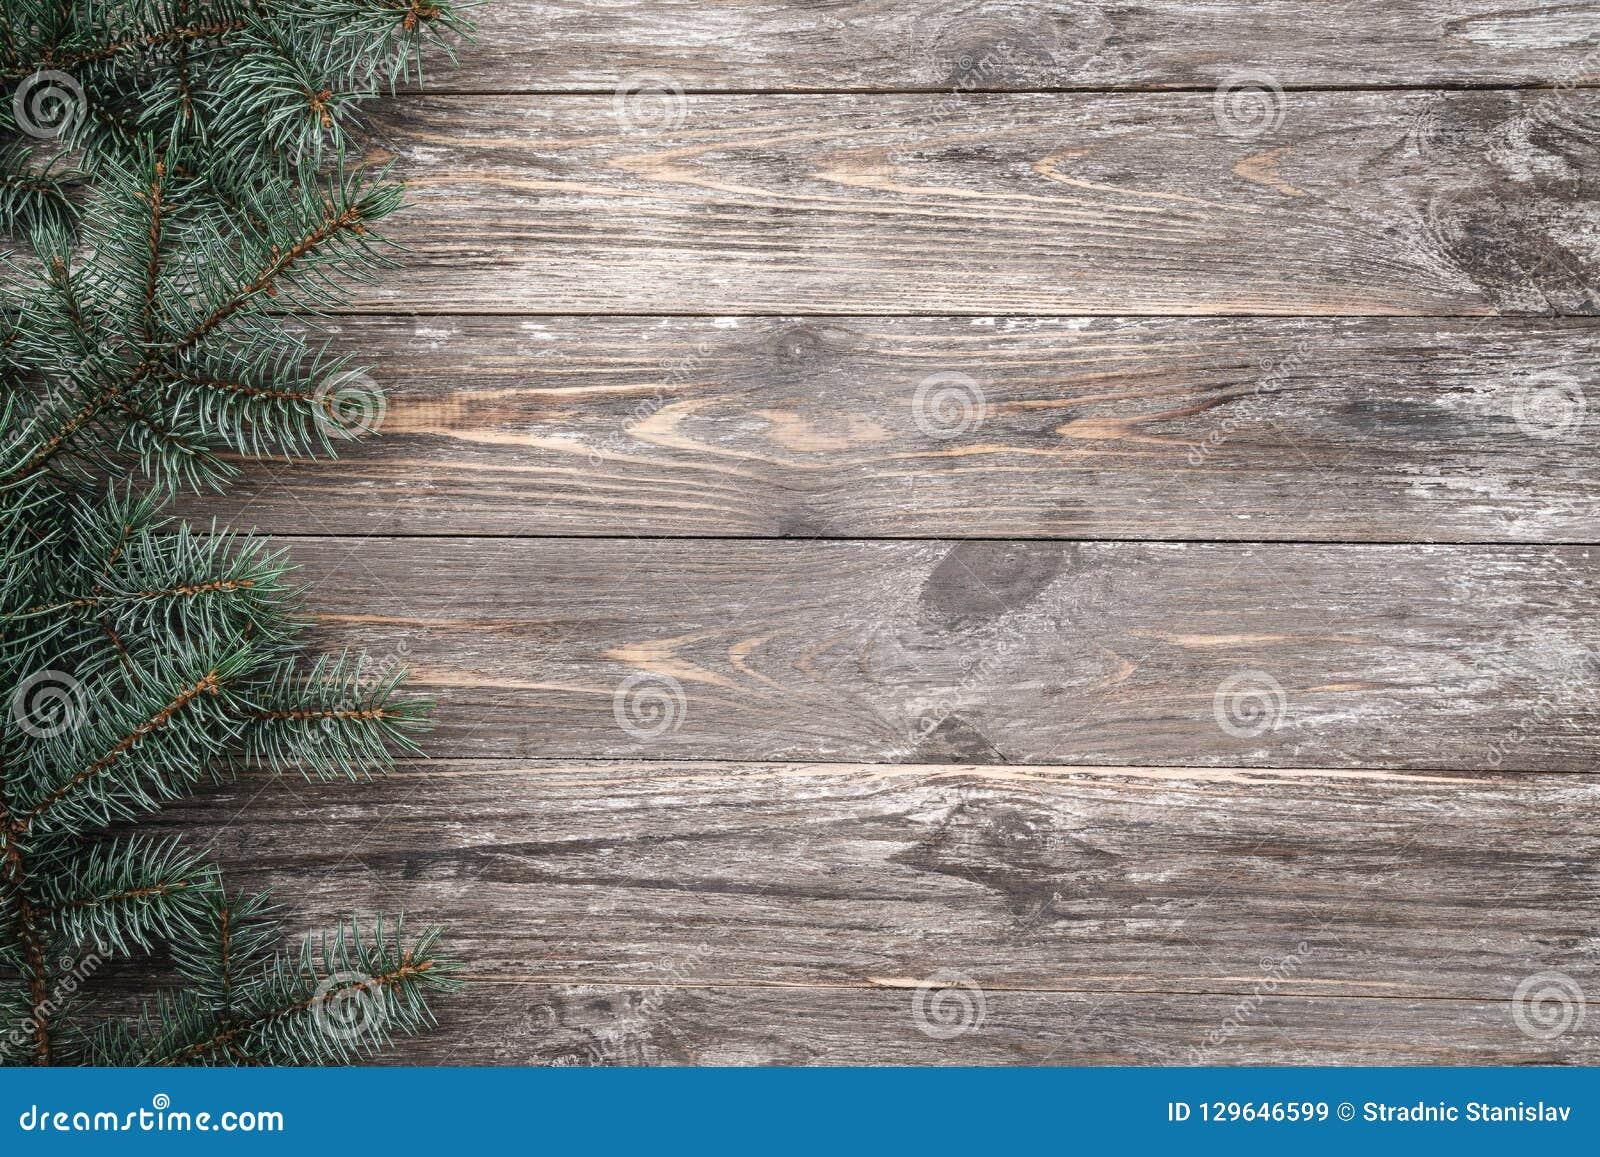 Παλαιό ξύλινο υπόβαθρο με τους κλάδους έλατου Διάστημα για ένα μήνυμα χαιρετισμού ουρανός santa του Klaus παγετού Χριστουγέννων κ